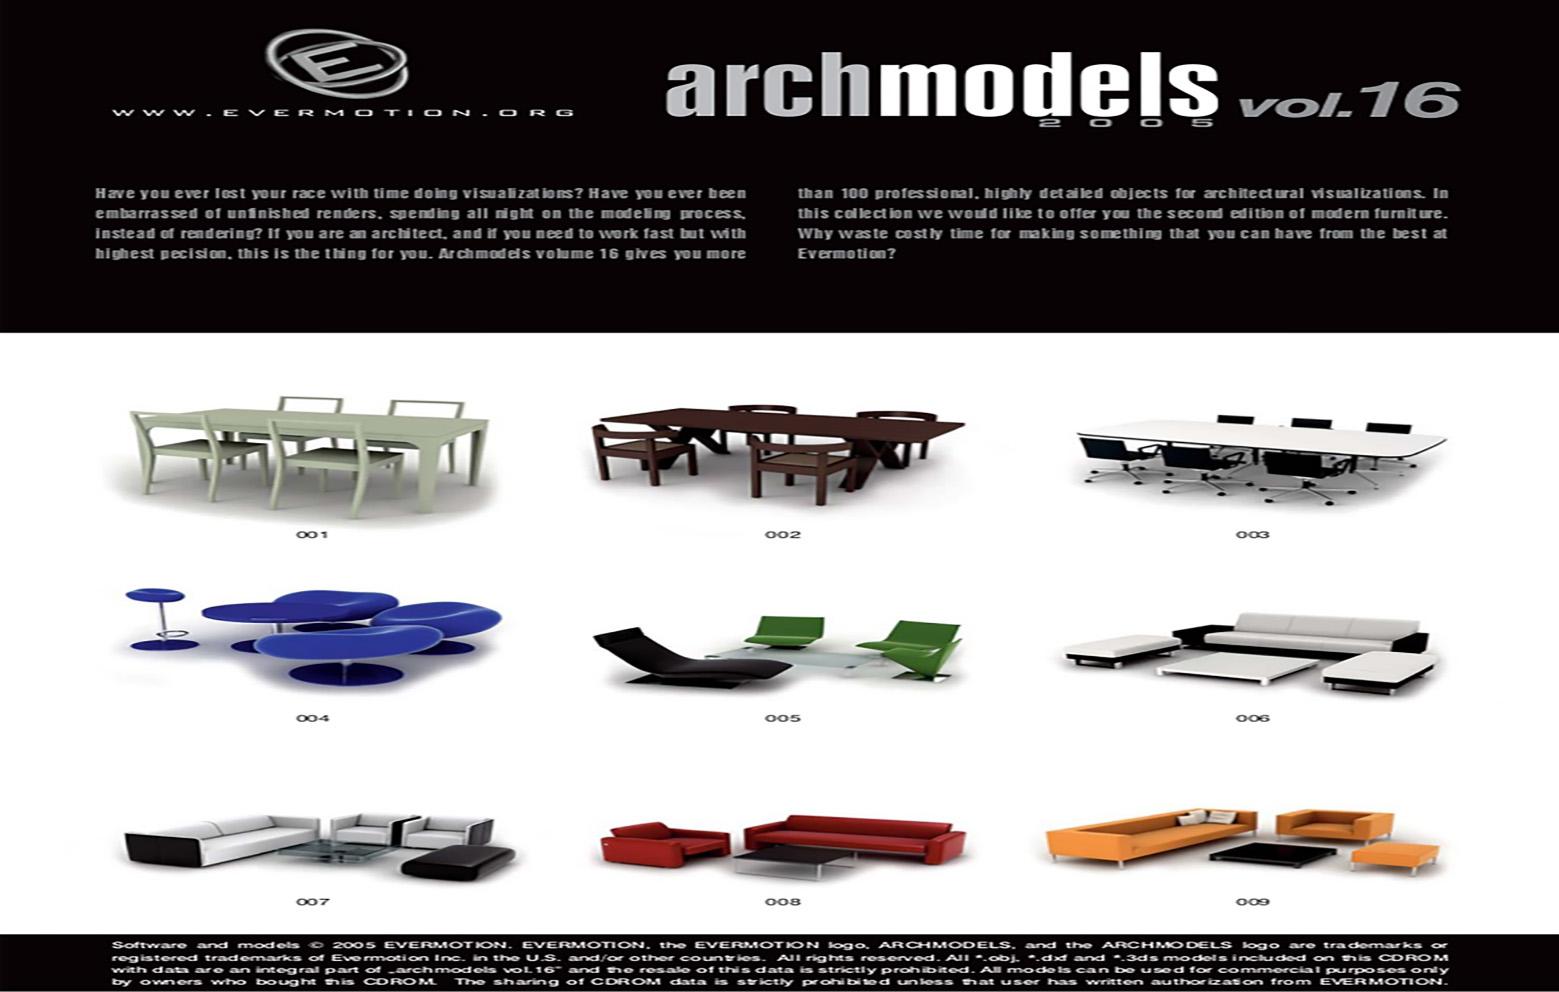 دانلود رایگان آرک مدل ولوم ARCHMODELS VOL.16